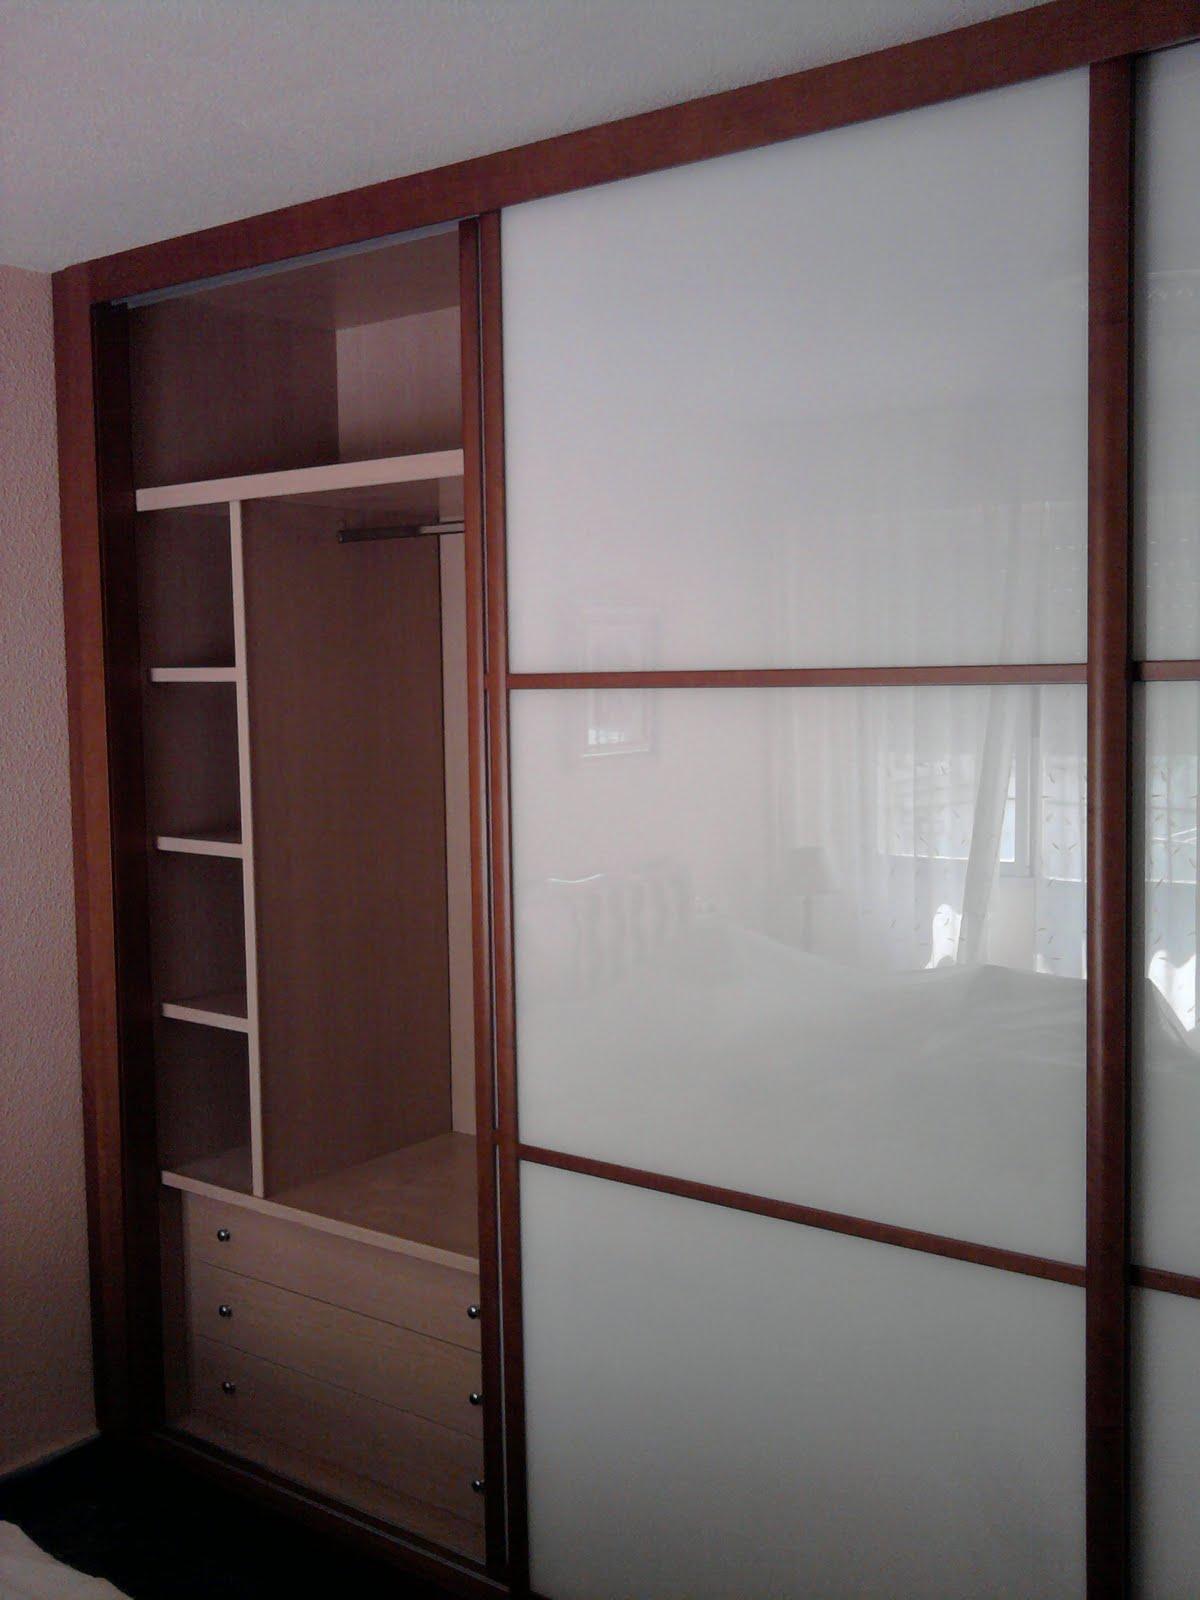 Decoraciones sahuquillo armario cerezo puertas correderas - Puertas correderas de armarios ...